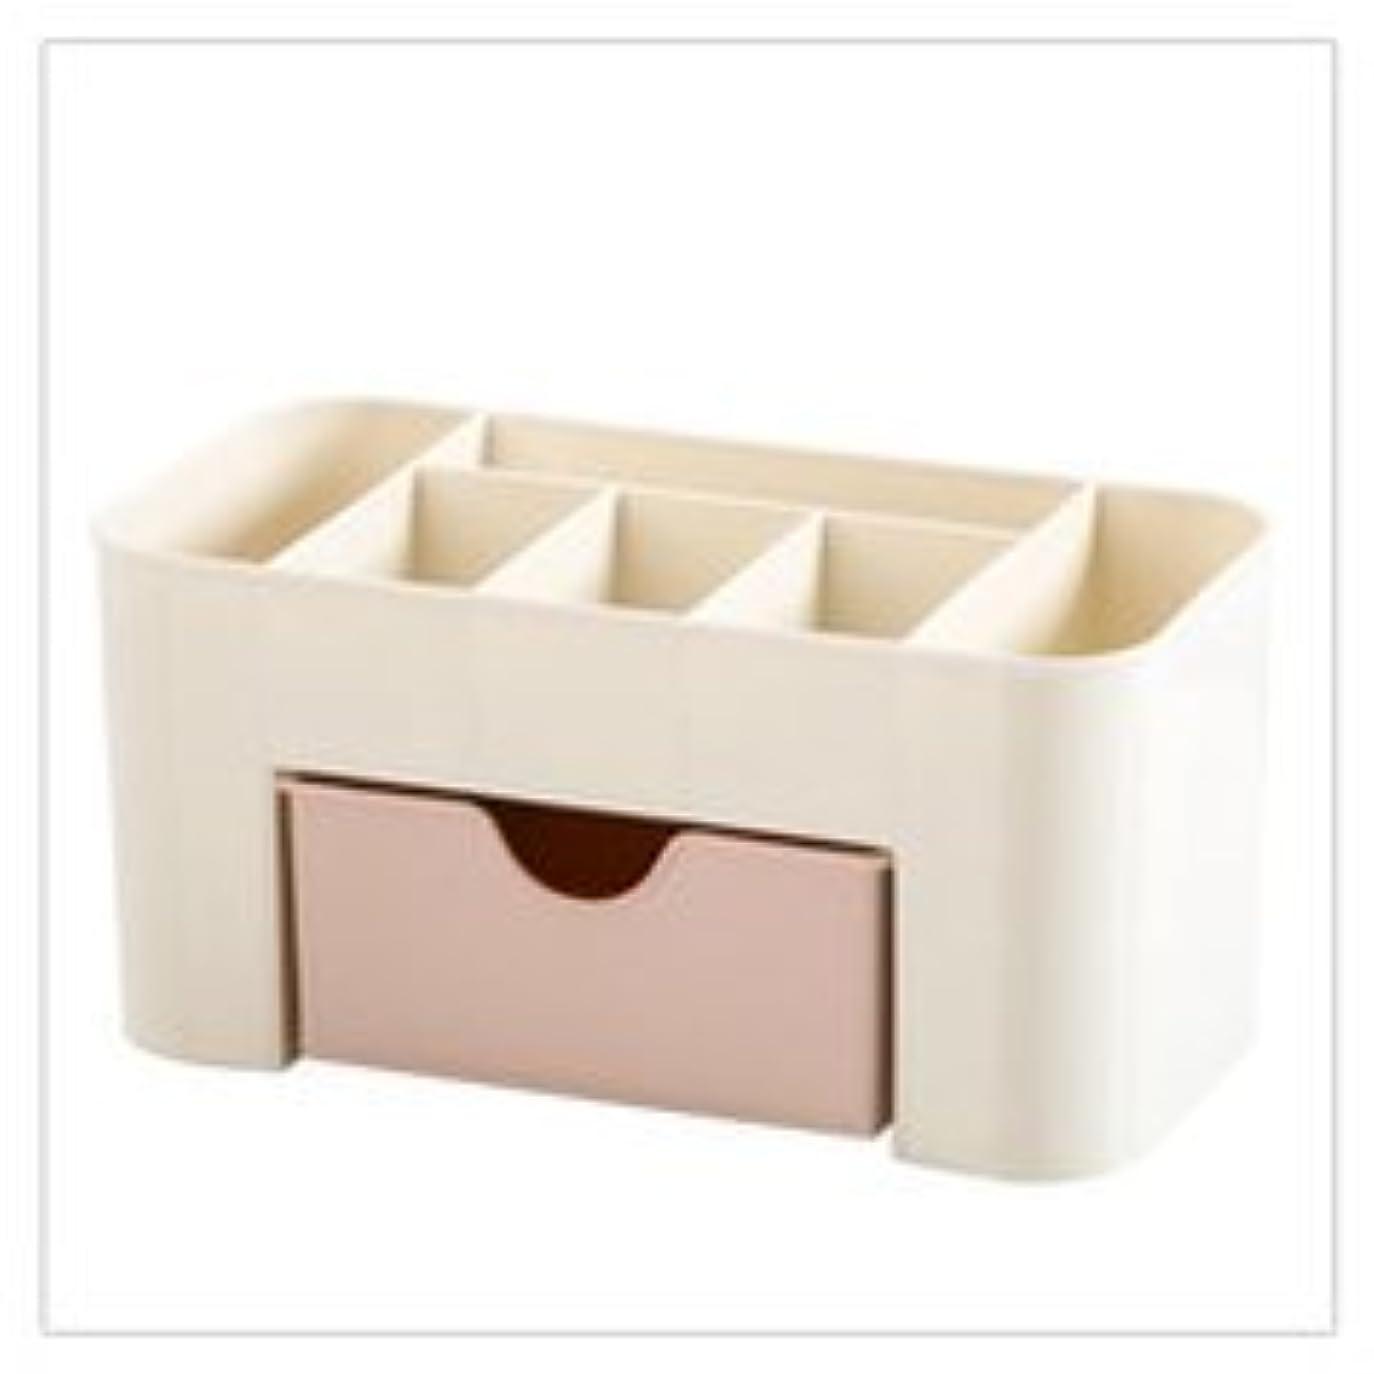 血色の良いすき退却化粧品収納ボックス化粧品引き出し仕上げボックスデスクトップジュエリースキンケアパックフレームドレッサー (Color : ピンク)